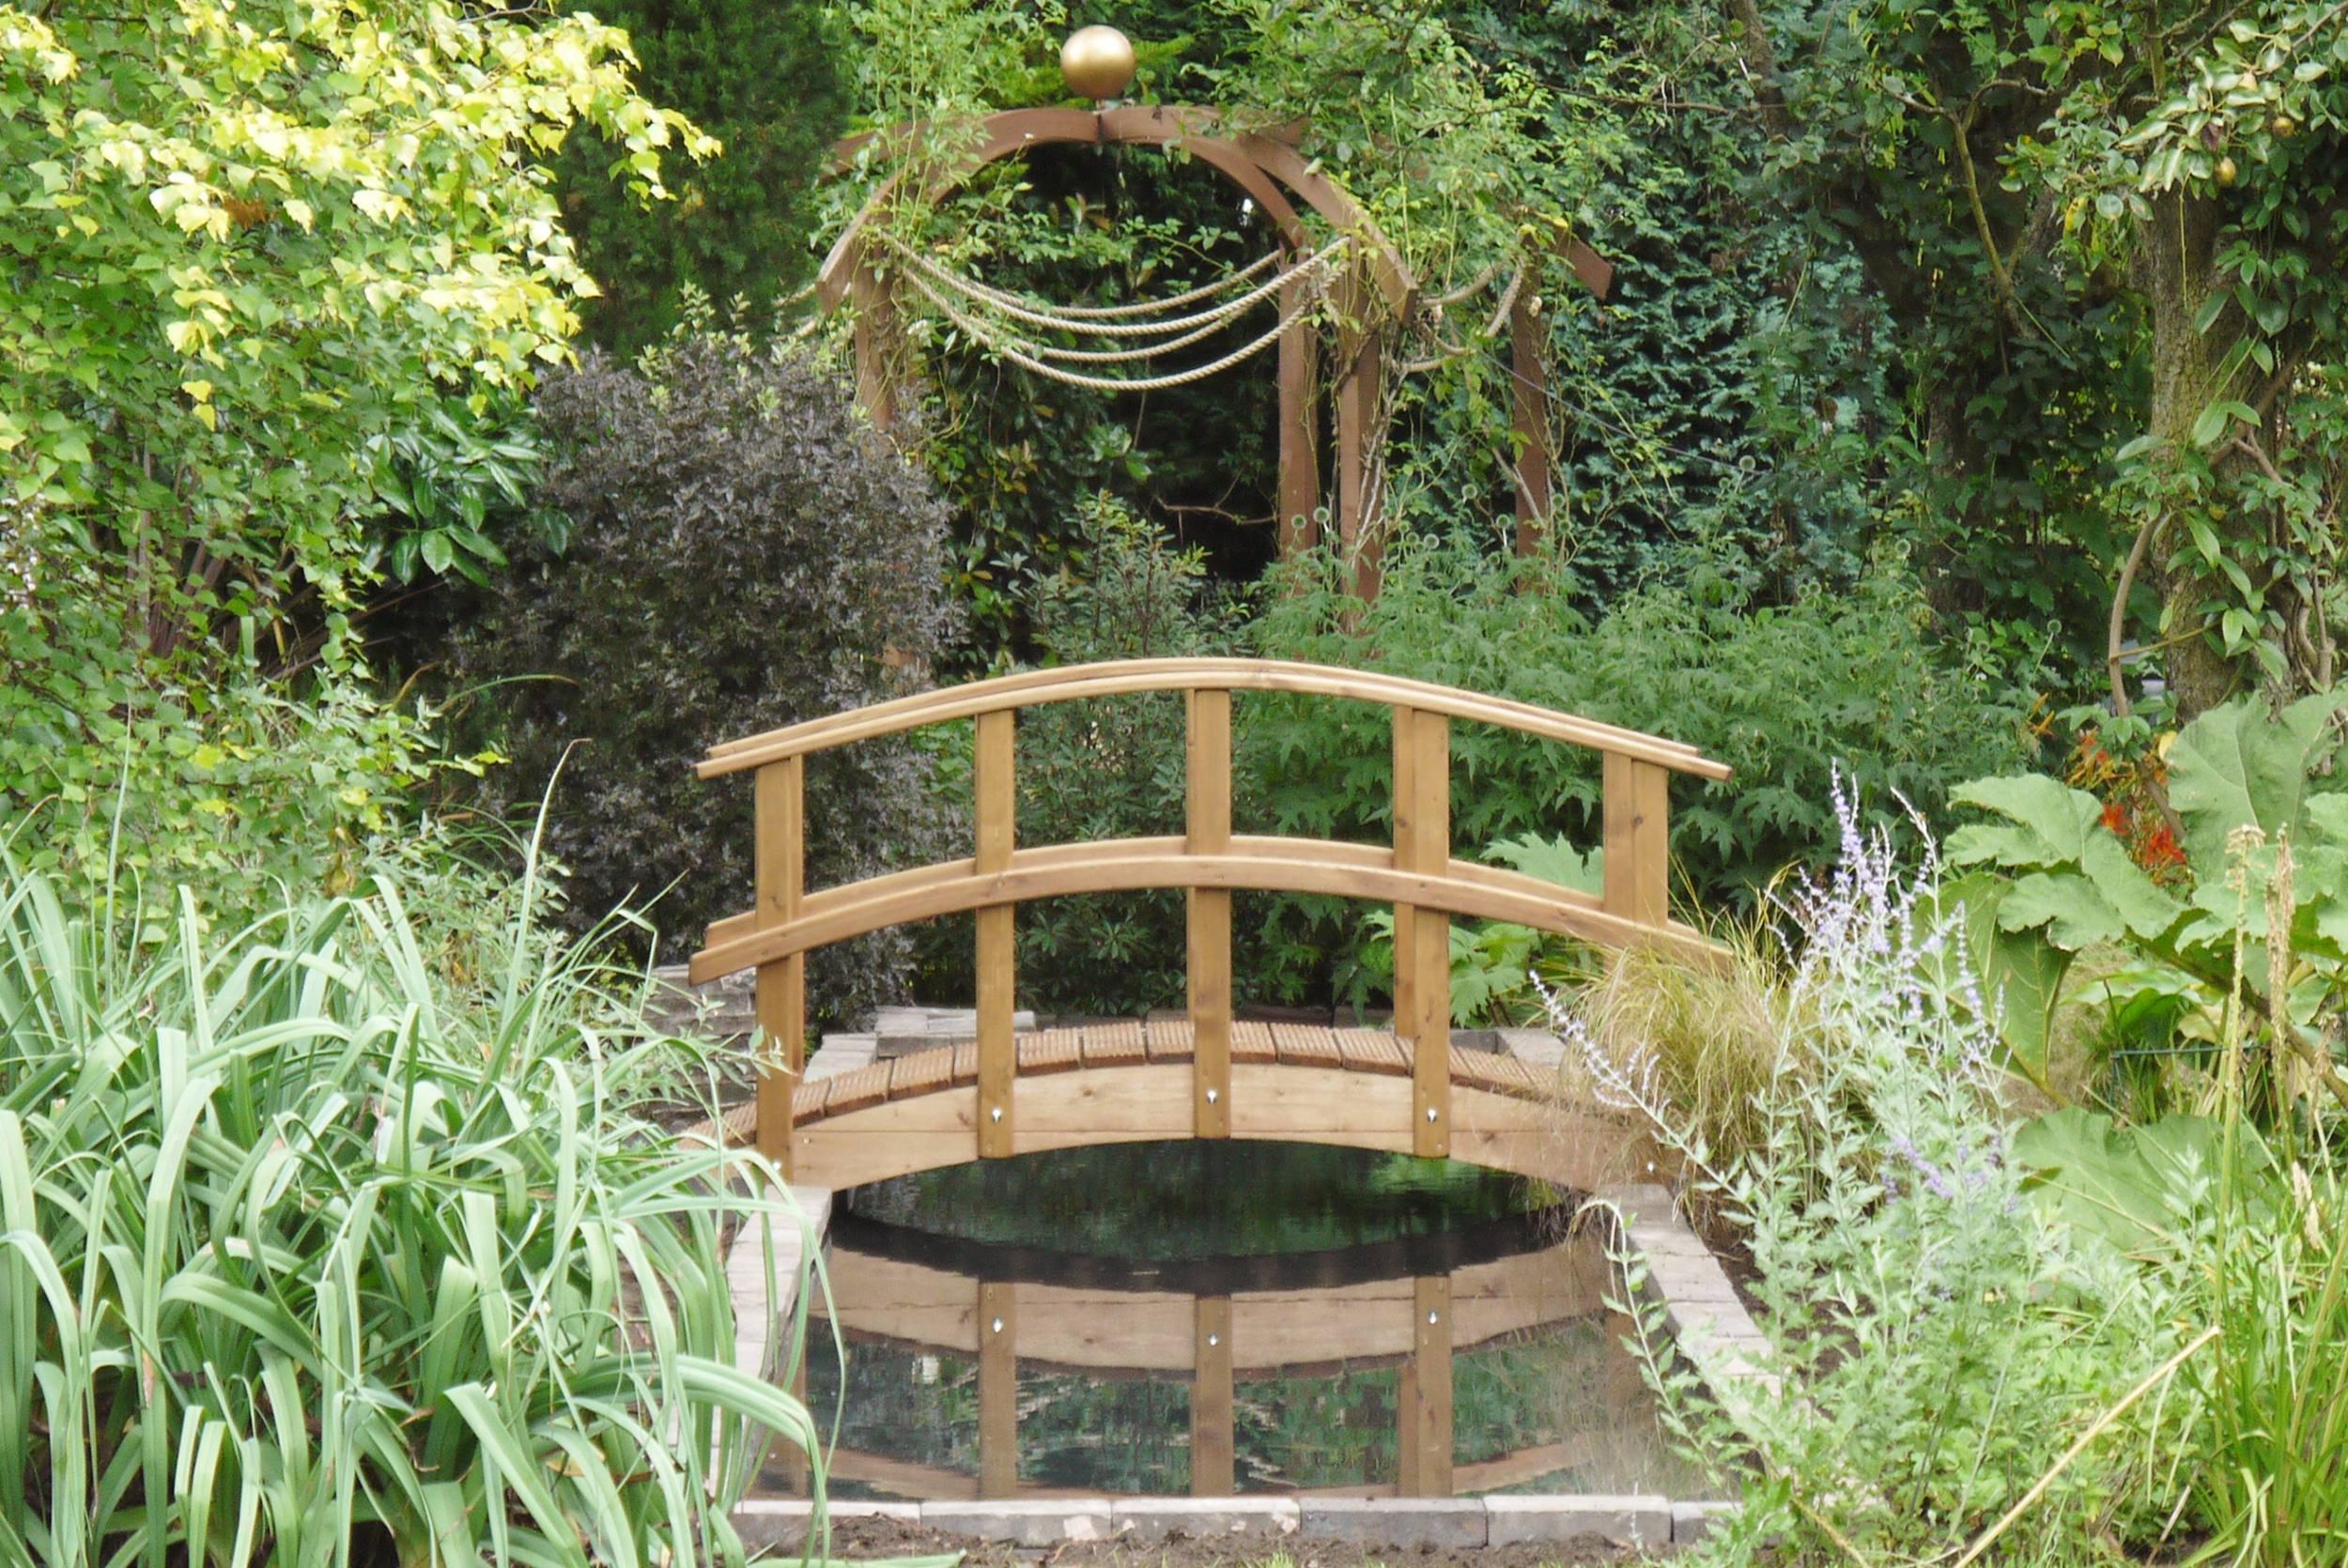 Estilo Monet puente del jardín (cm 182, 88 Monet): Amazon.es: Jardín